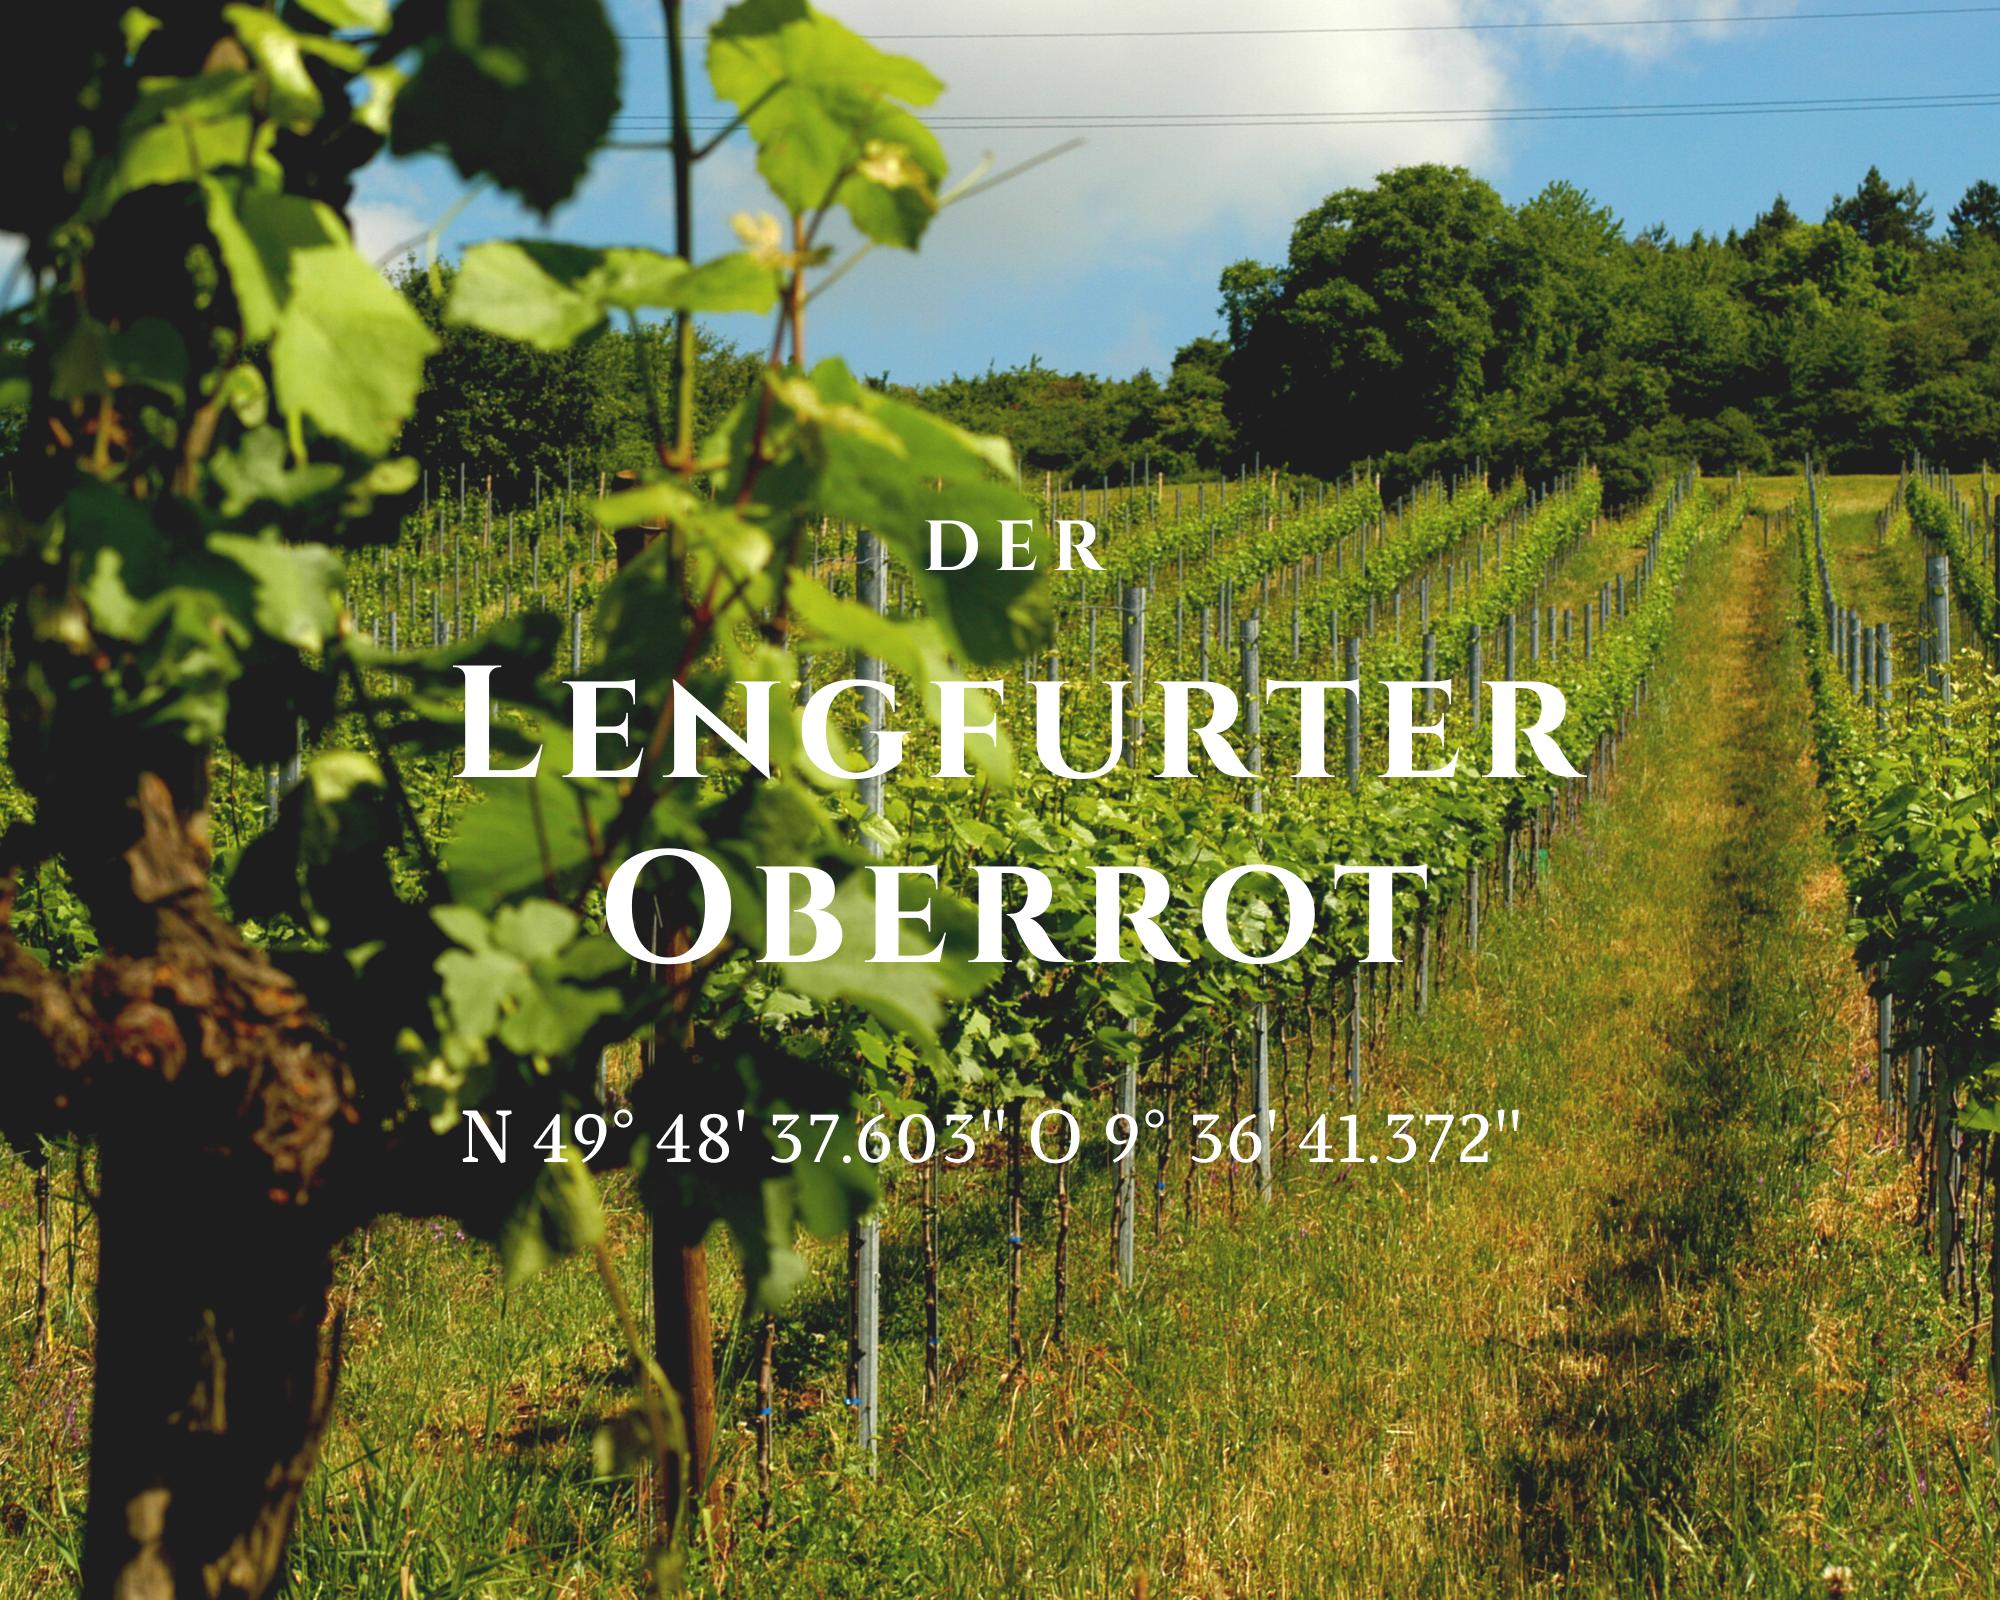 Buntsandstein als Grundlage für großartige Rotweine. Der Lengfurter Oberrot